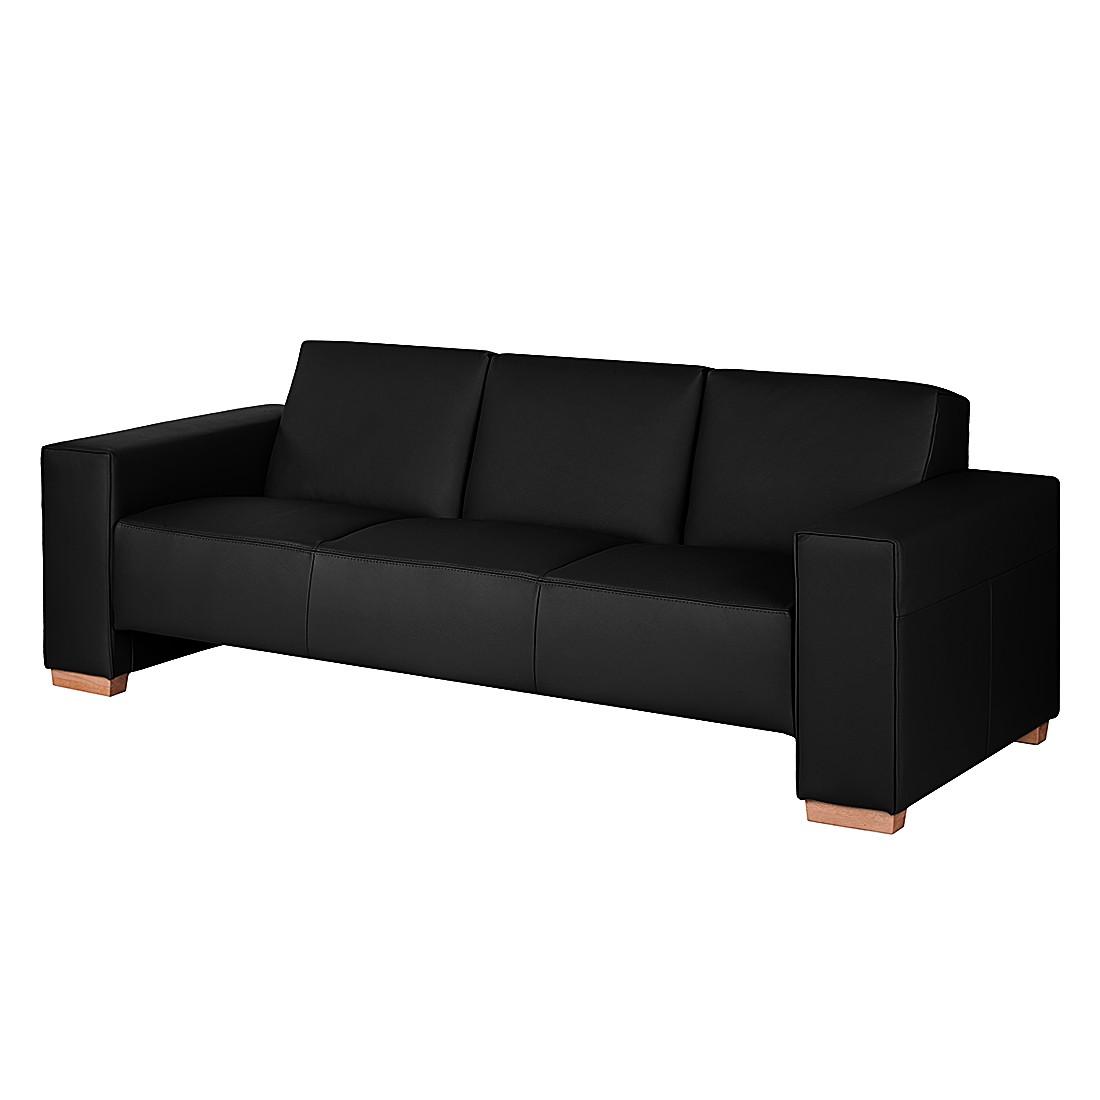 Canapé Midar (3 places) - Cuir véritable - Noir, roomscape